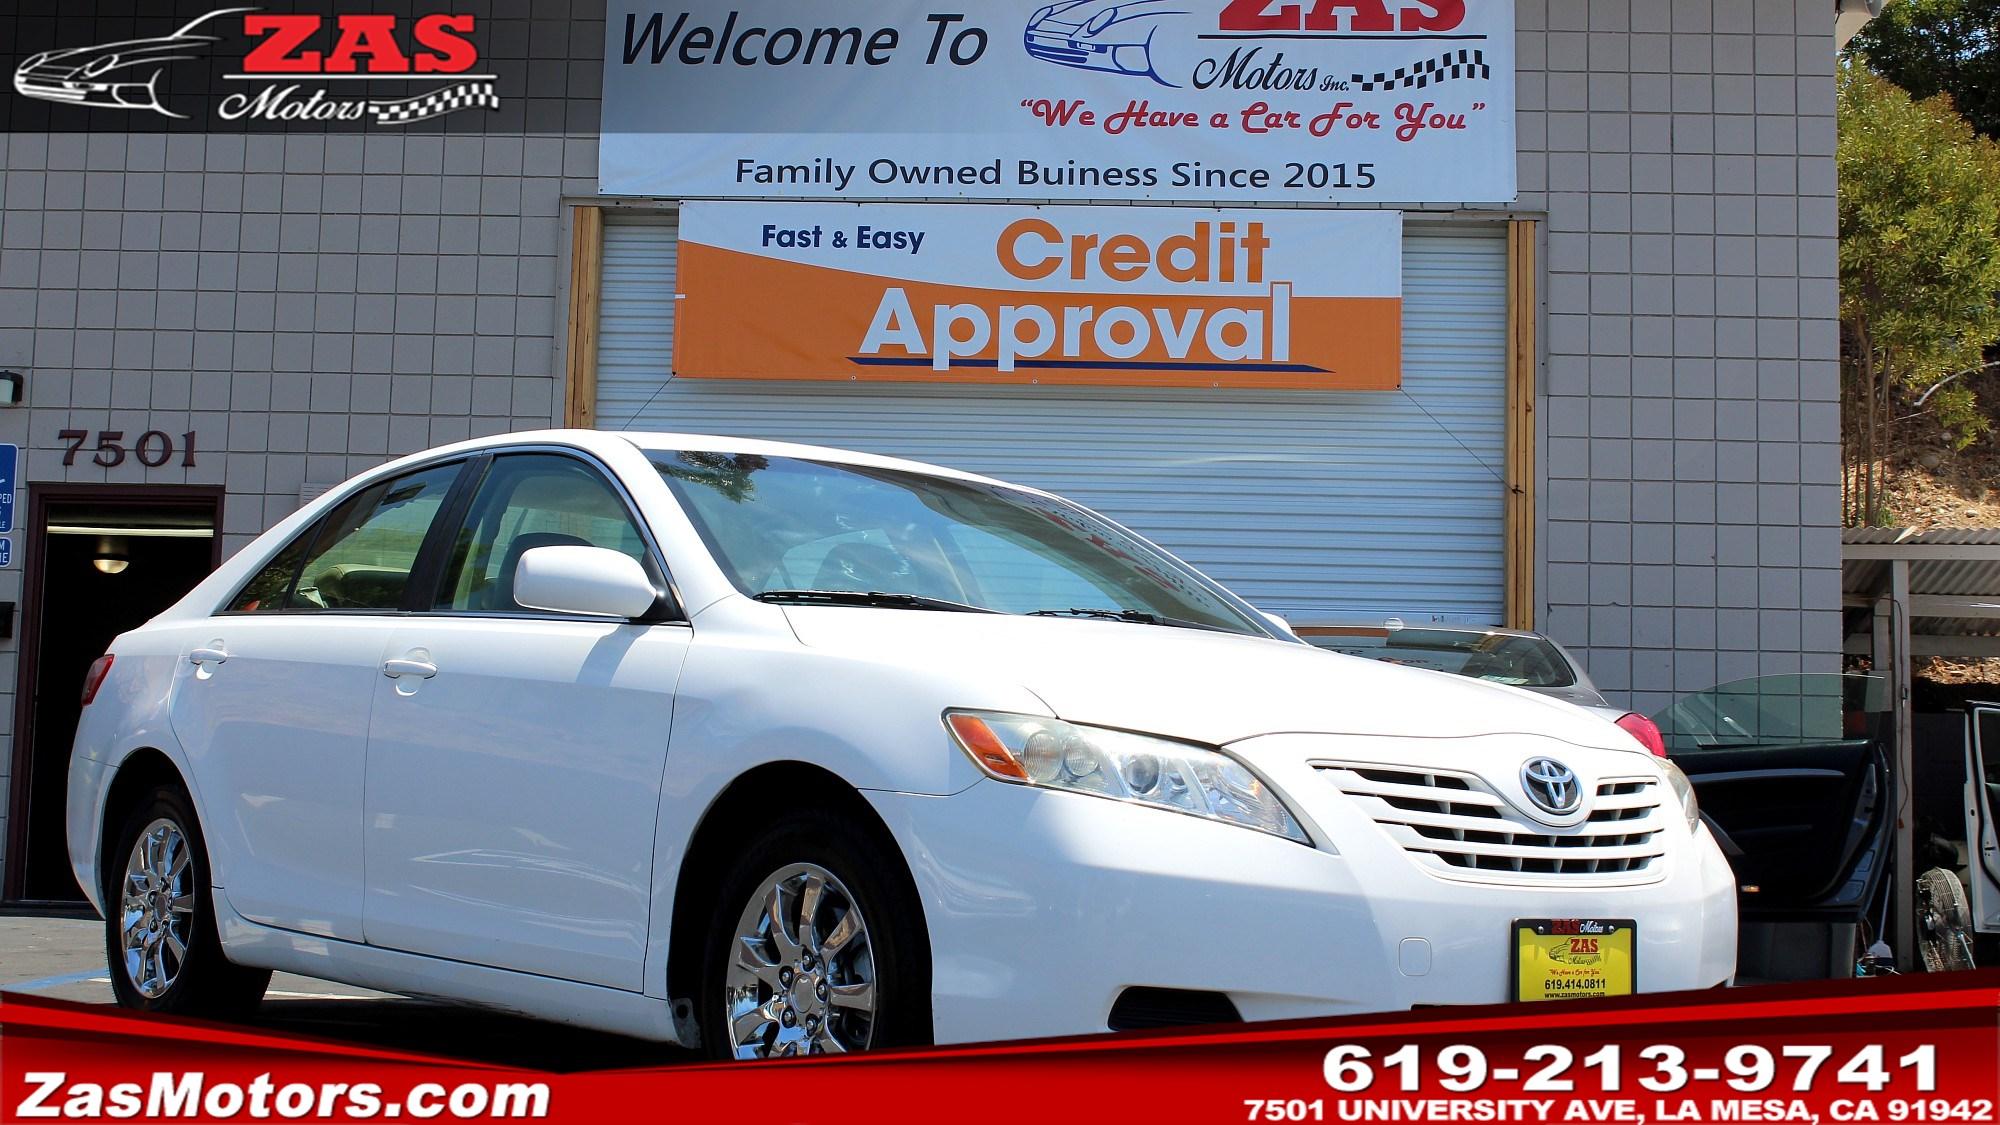 Used Toyota for Sale La Mesa CA ZAS Motors